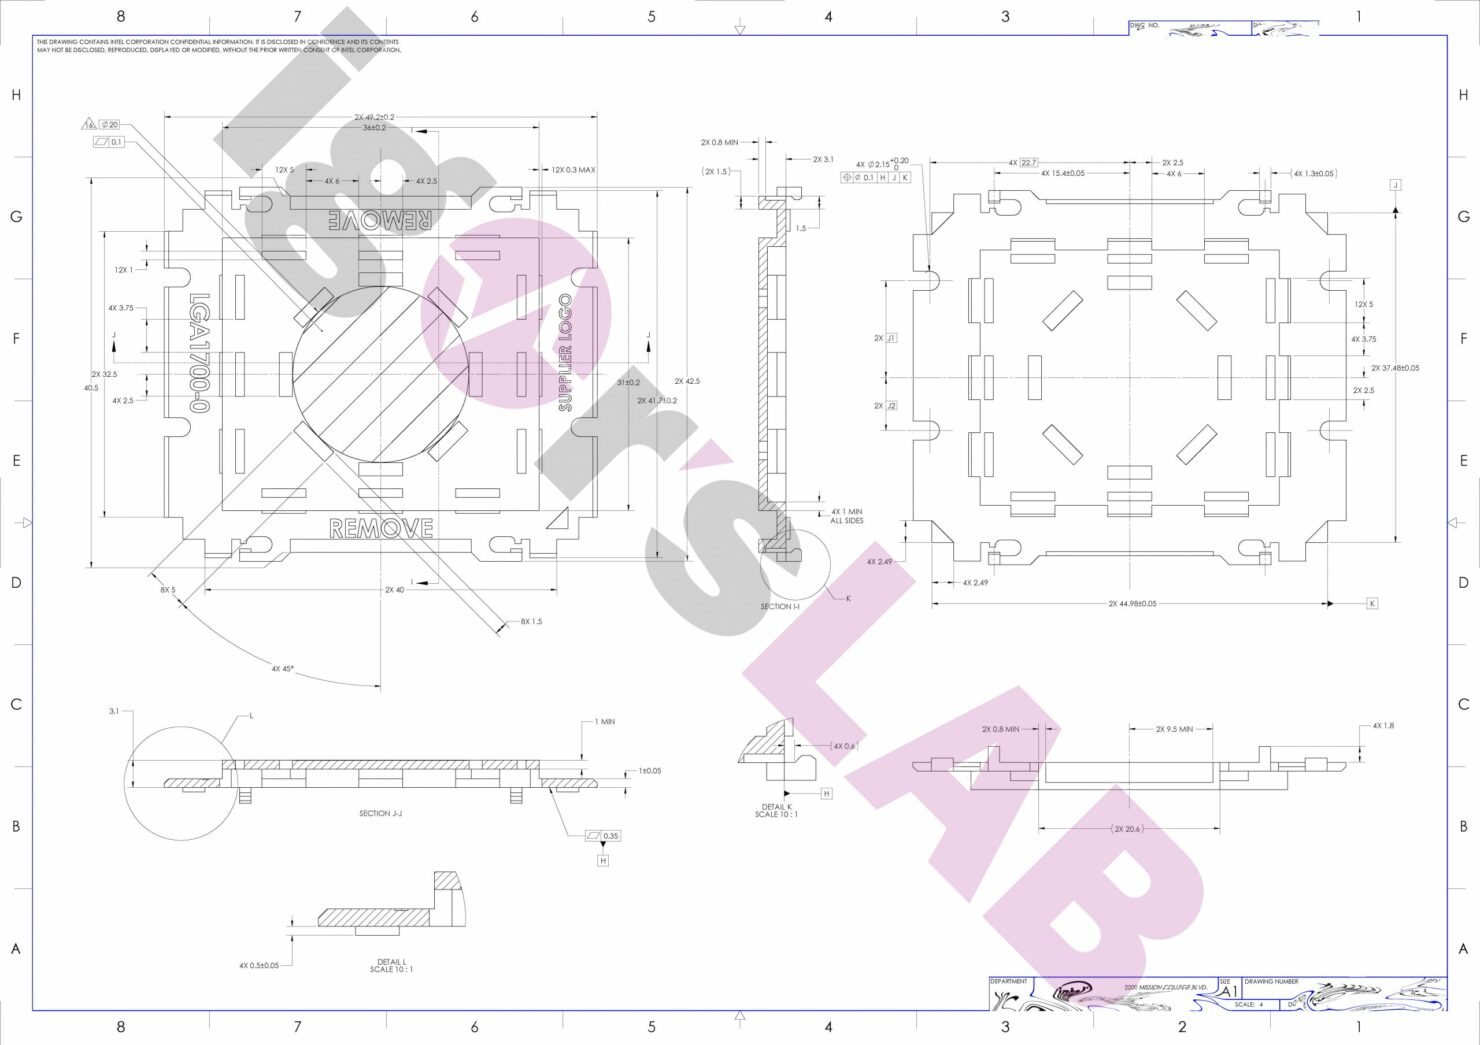 intel-lga-1700-lga-1800-desktop-cpu-socket-leak-alder-lake-_9